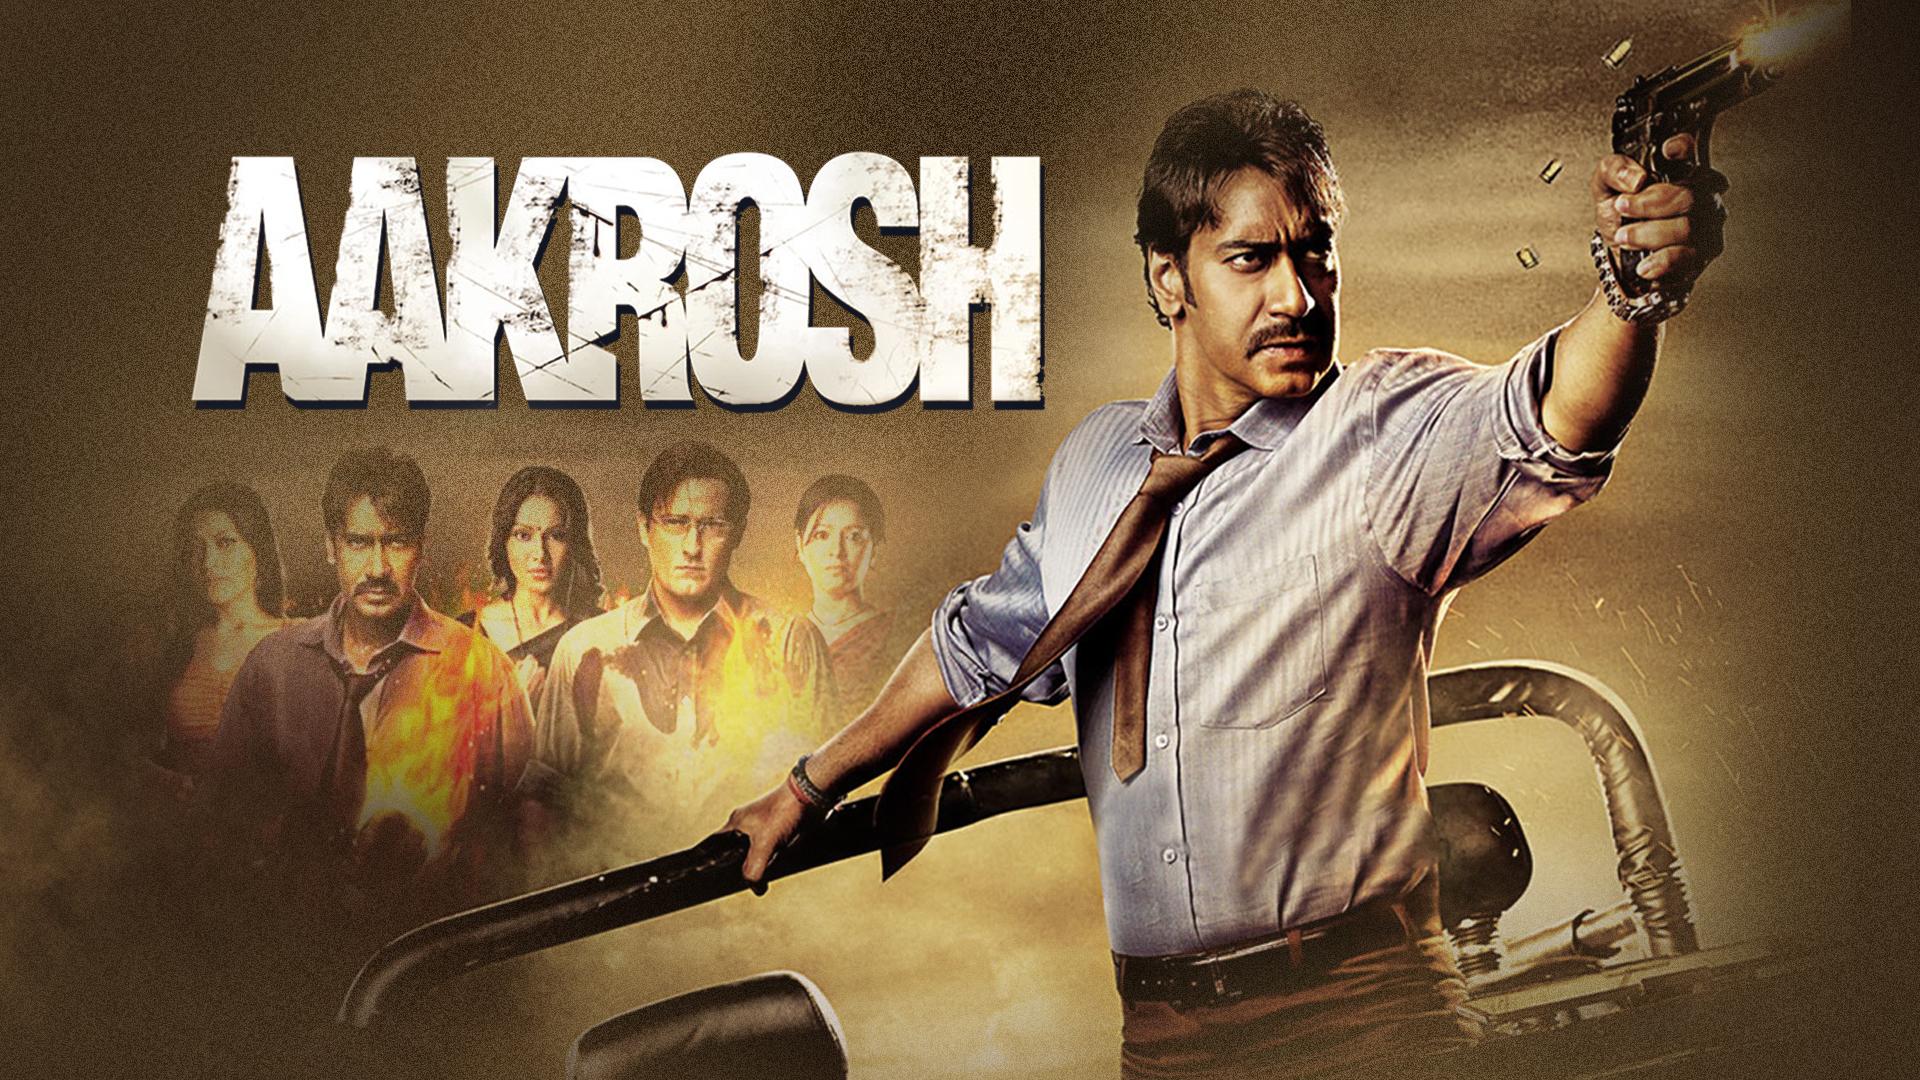 Aakrosh   Best Priyadarshan Movies   TrendPickle